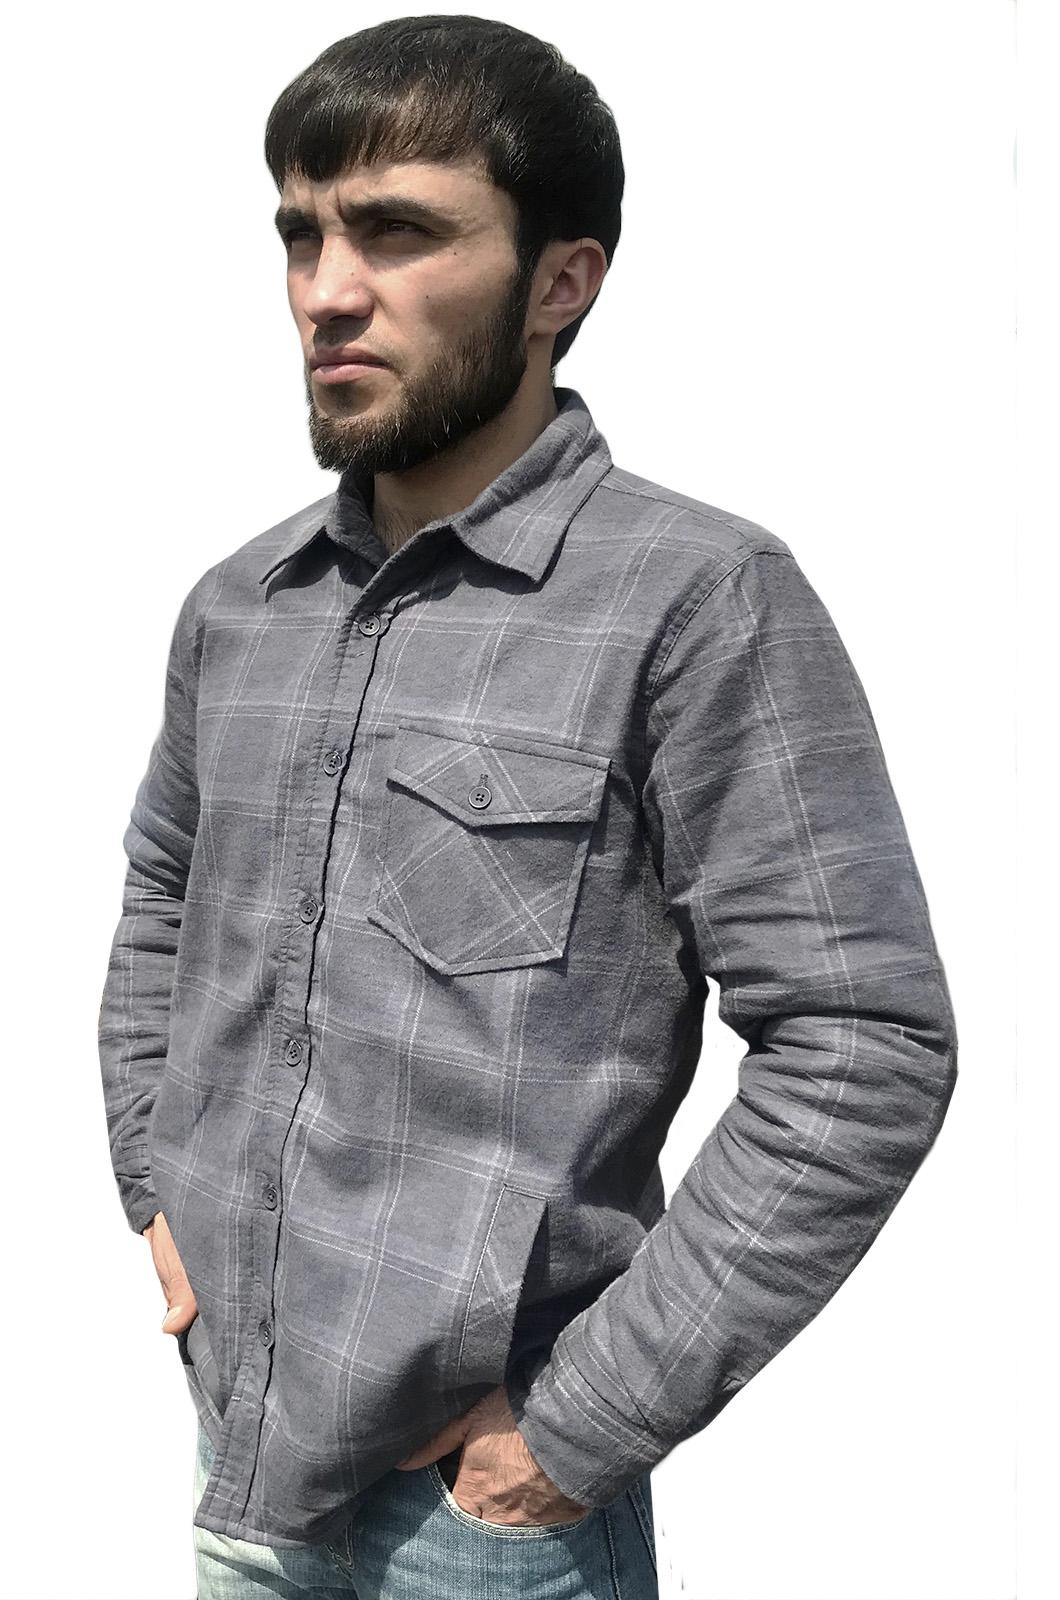 Клетчатая мужская рубашка с вышитым шевроном РВиА - заказать в розницу